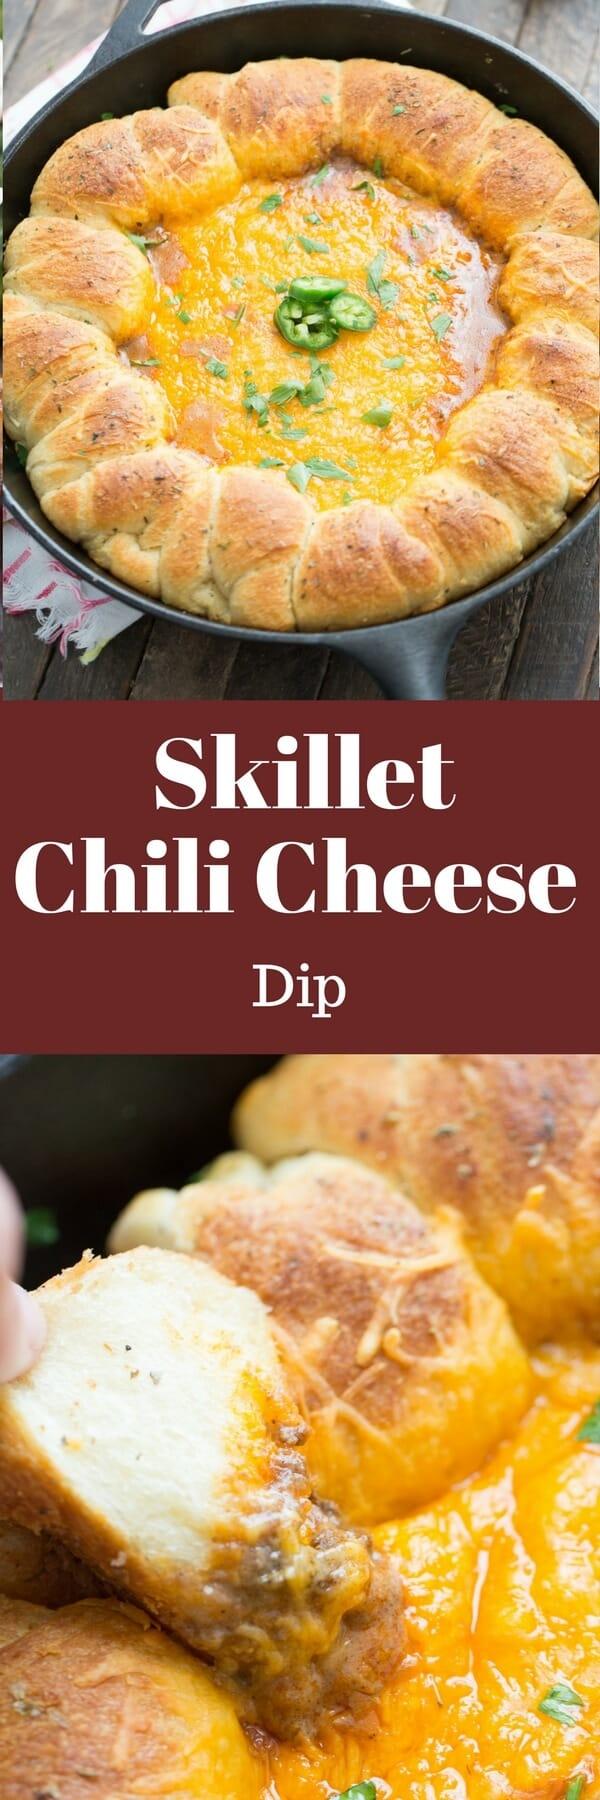 Skillet Chili Cheese Dip Recipe — Dishmaps